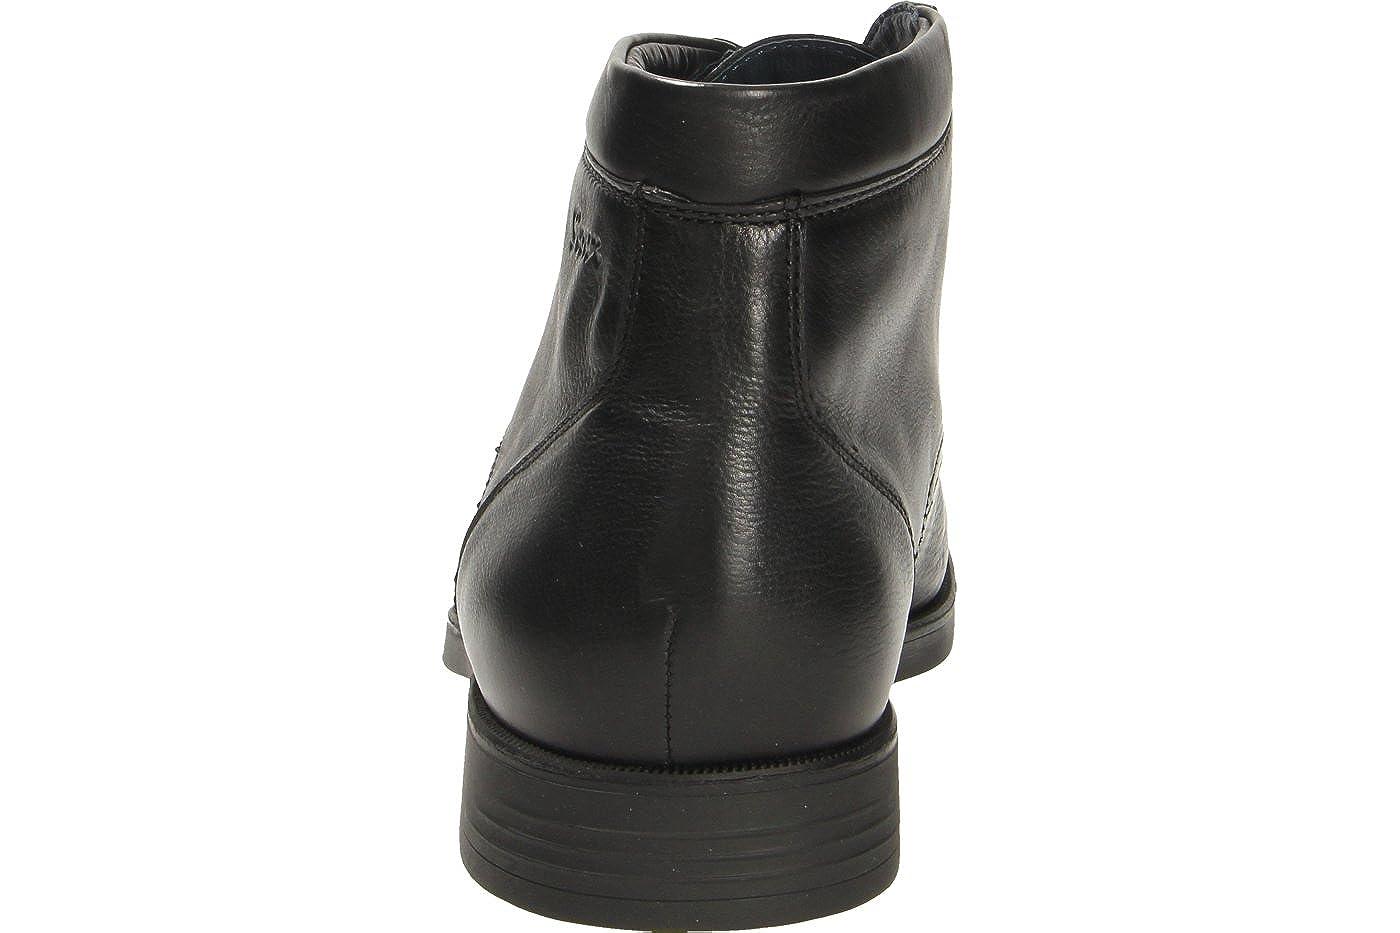 Sioux Herren Stiefel Schwarz FORMIAS-XL 34590 Schwarz Stiefel 362973 Schwarz 6d7193